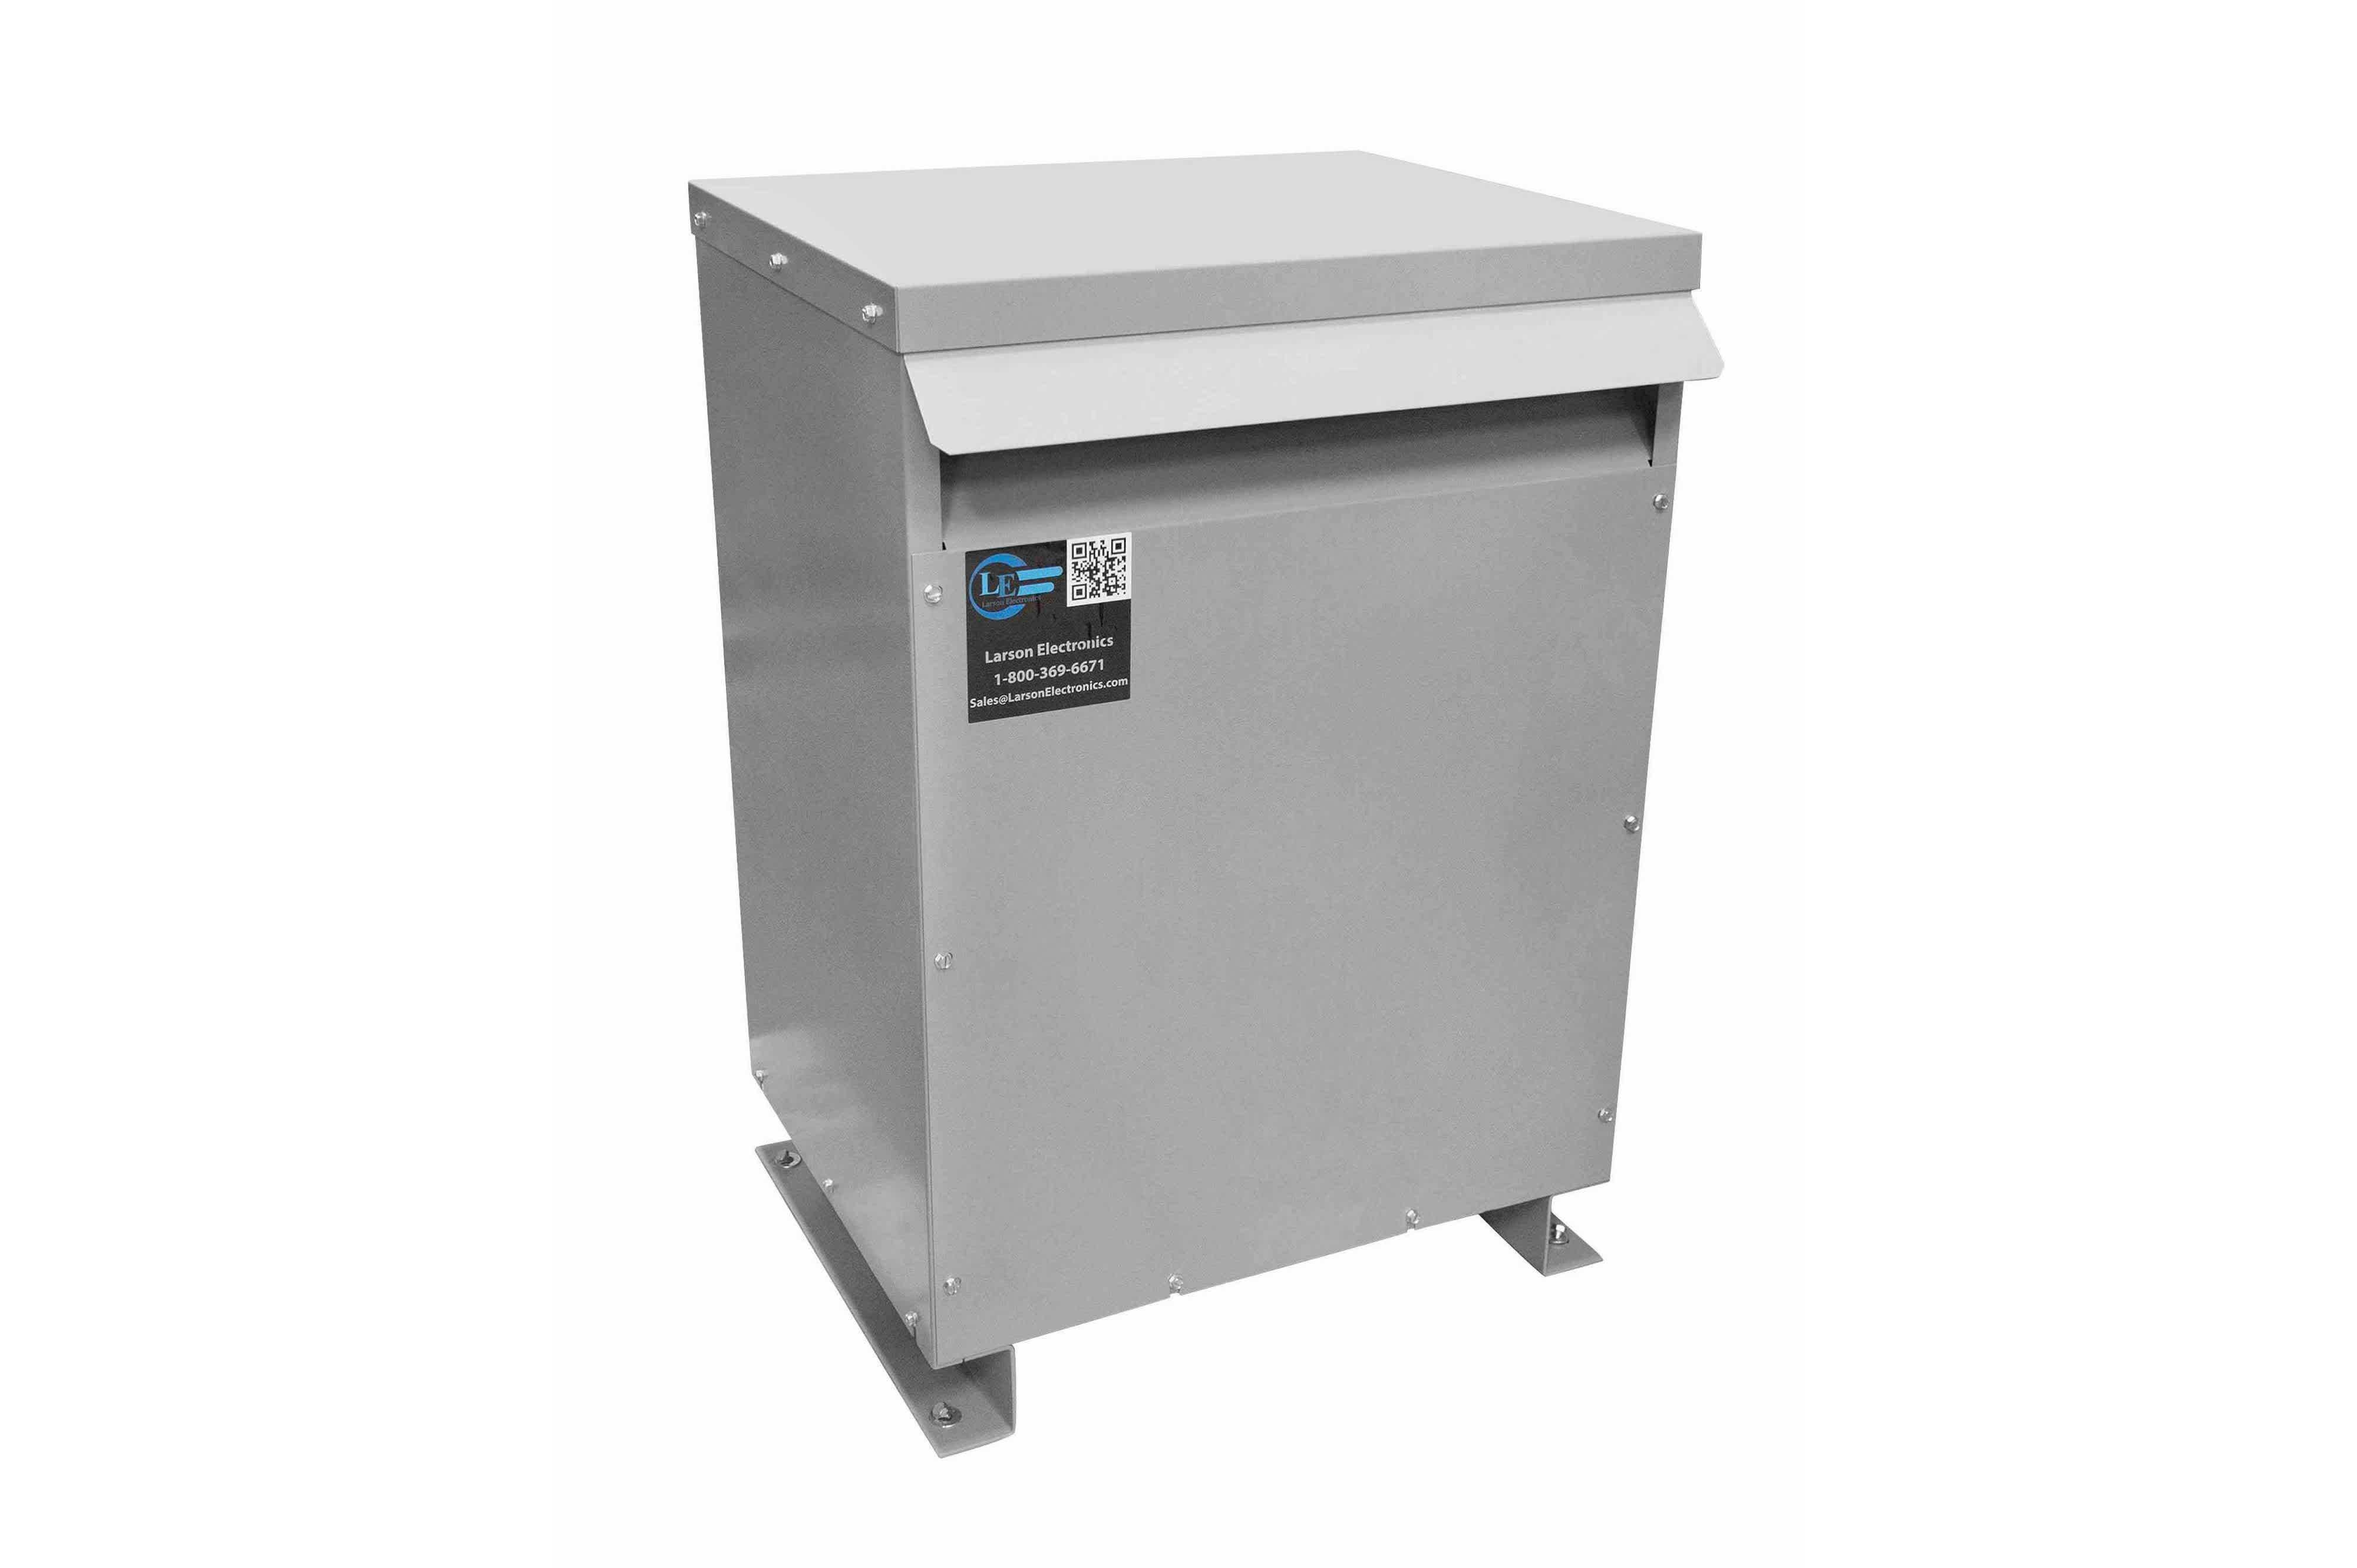 38 kVA 3PH Isolation Transformer, 208V Delta Primary, 480V Delta Secondary, N3R, Ventilated, 60 Hz